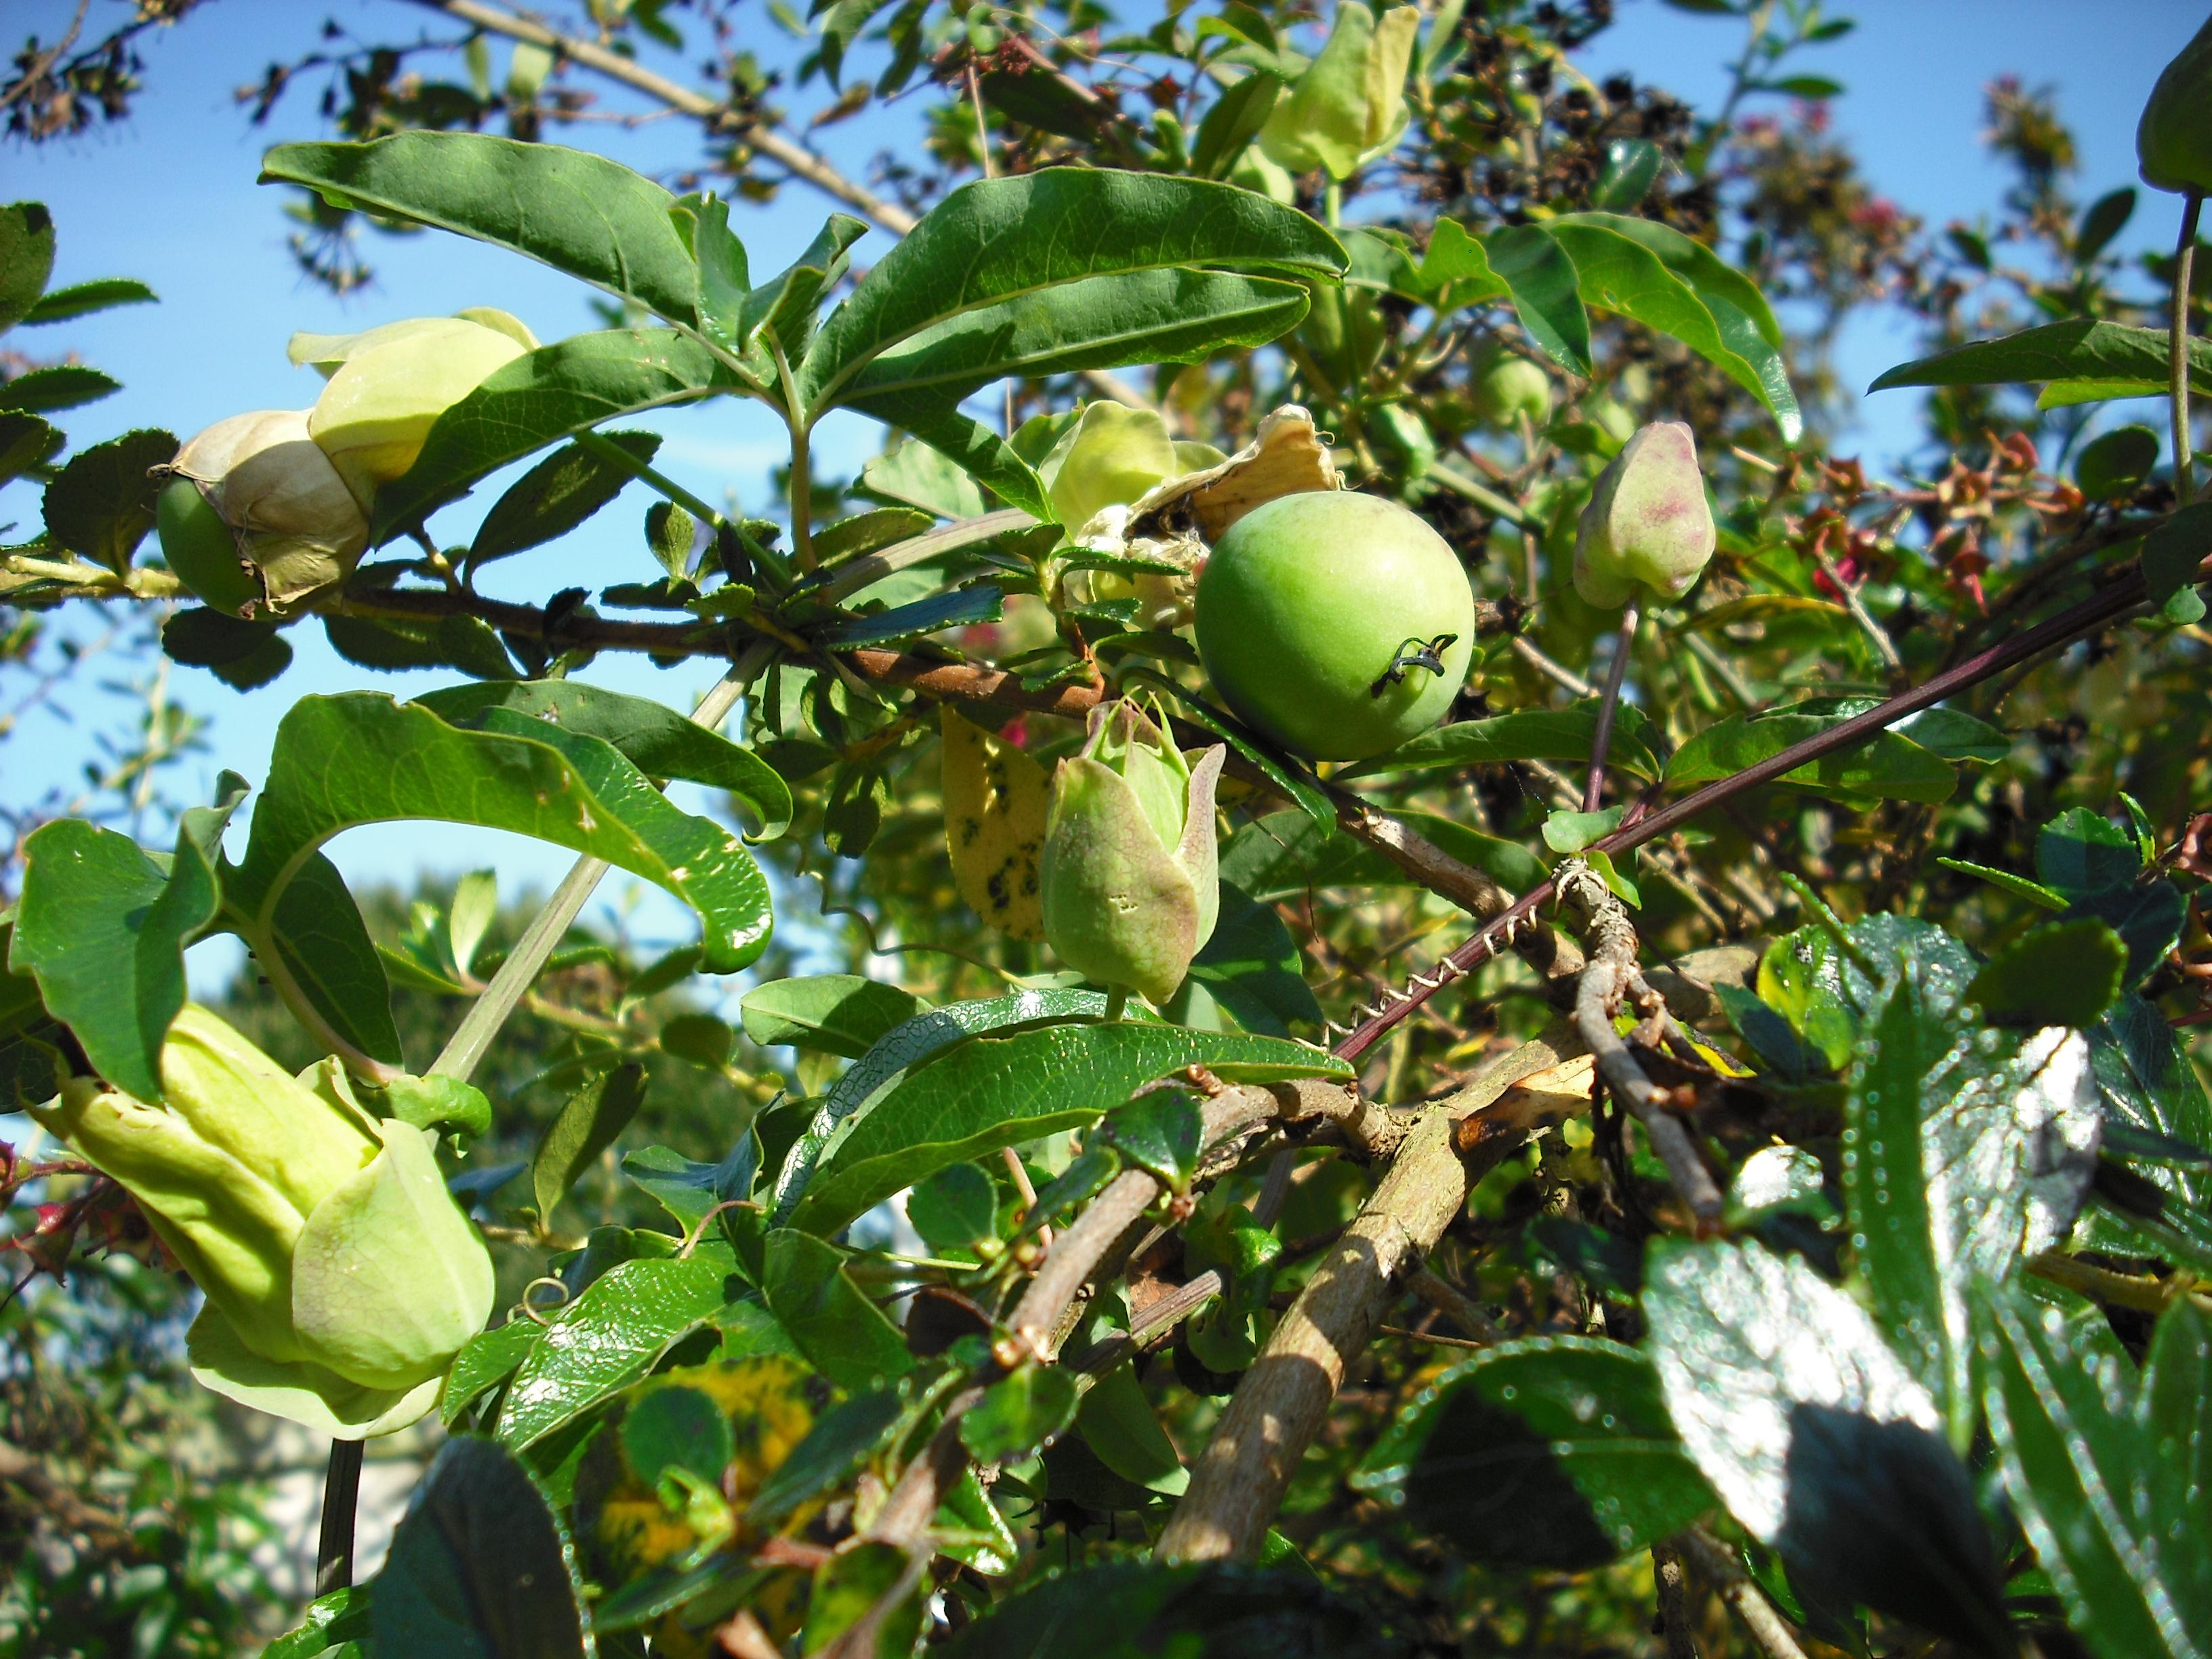 Fruit de la passiflore les taxinomes - Les jardins de passiflore ...